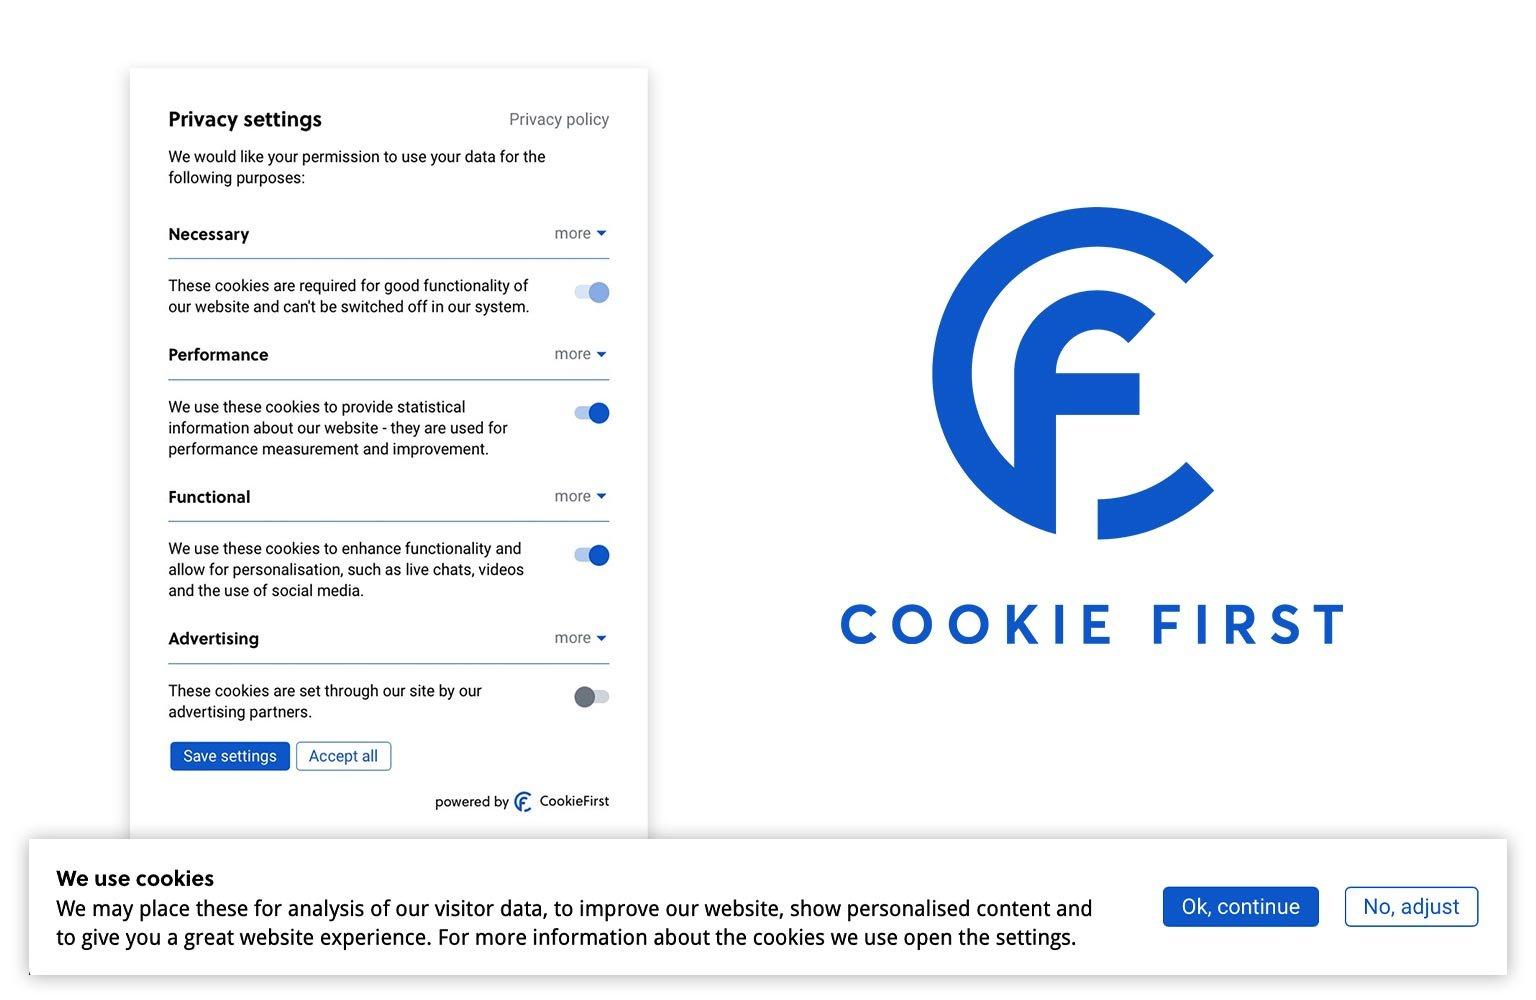 Cookies-Erklärung | Eine automatisierte DSGVO-konforme Cookies-Erklärung ist Teil der CookieFirst-Lösung.